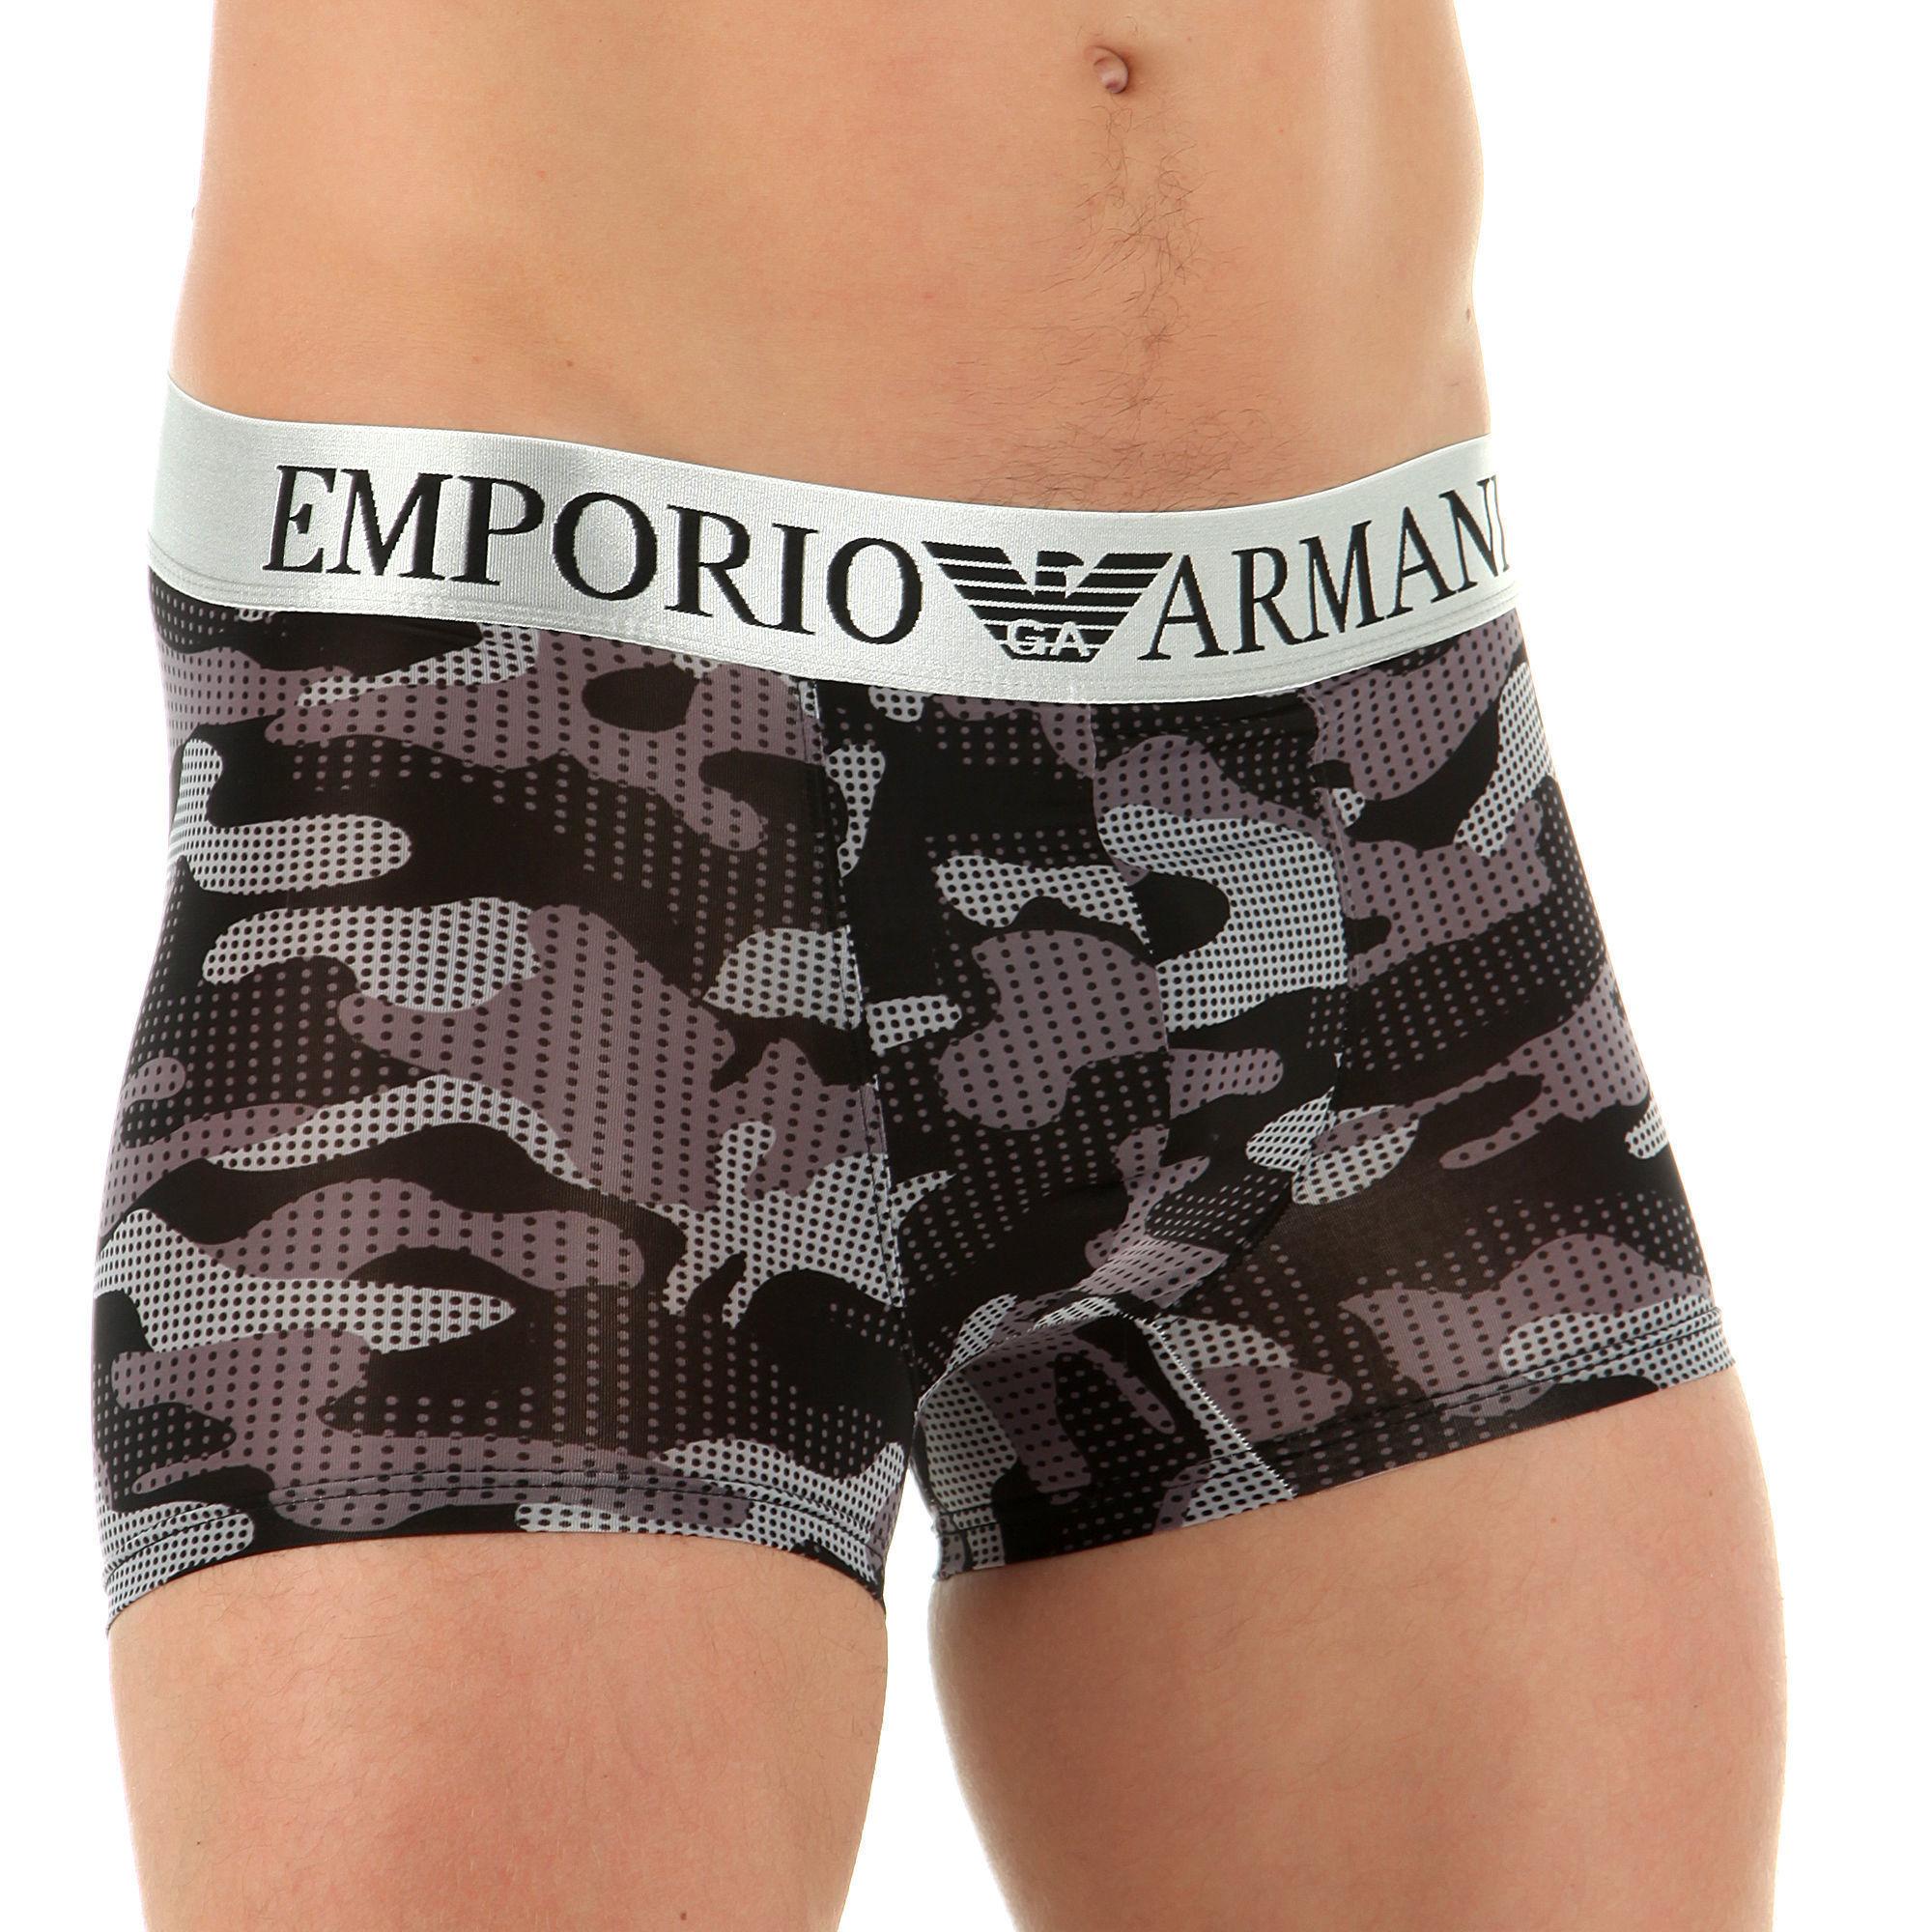 Мужские трусы боксеры черный камуфляж Emporio Armani Camo Black